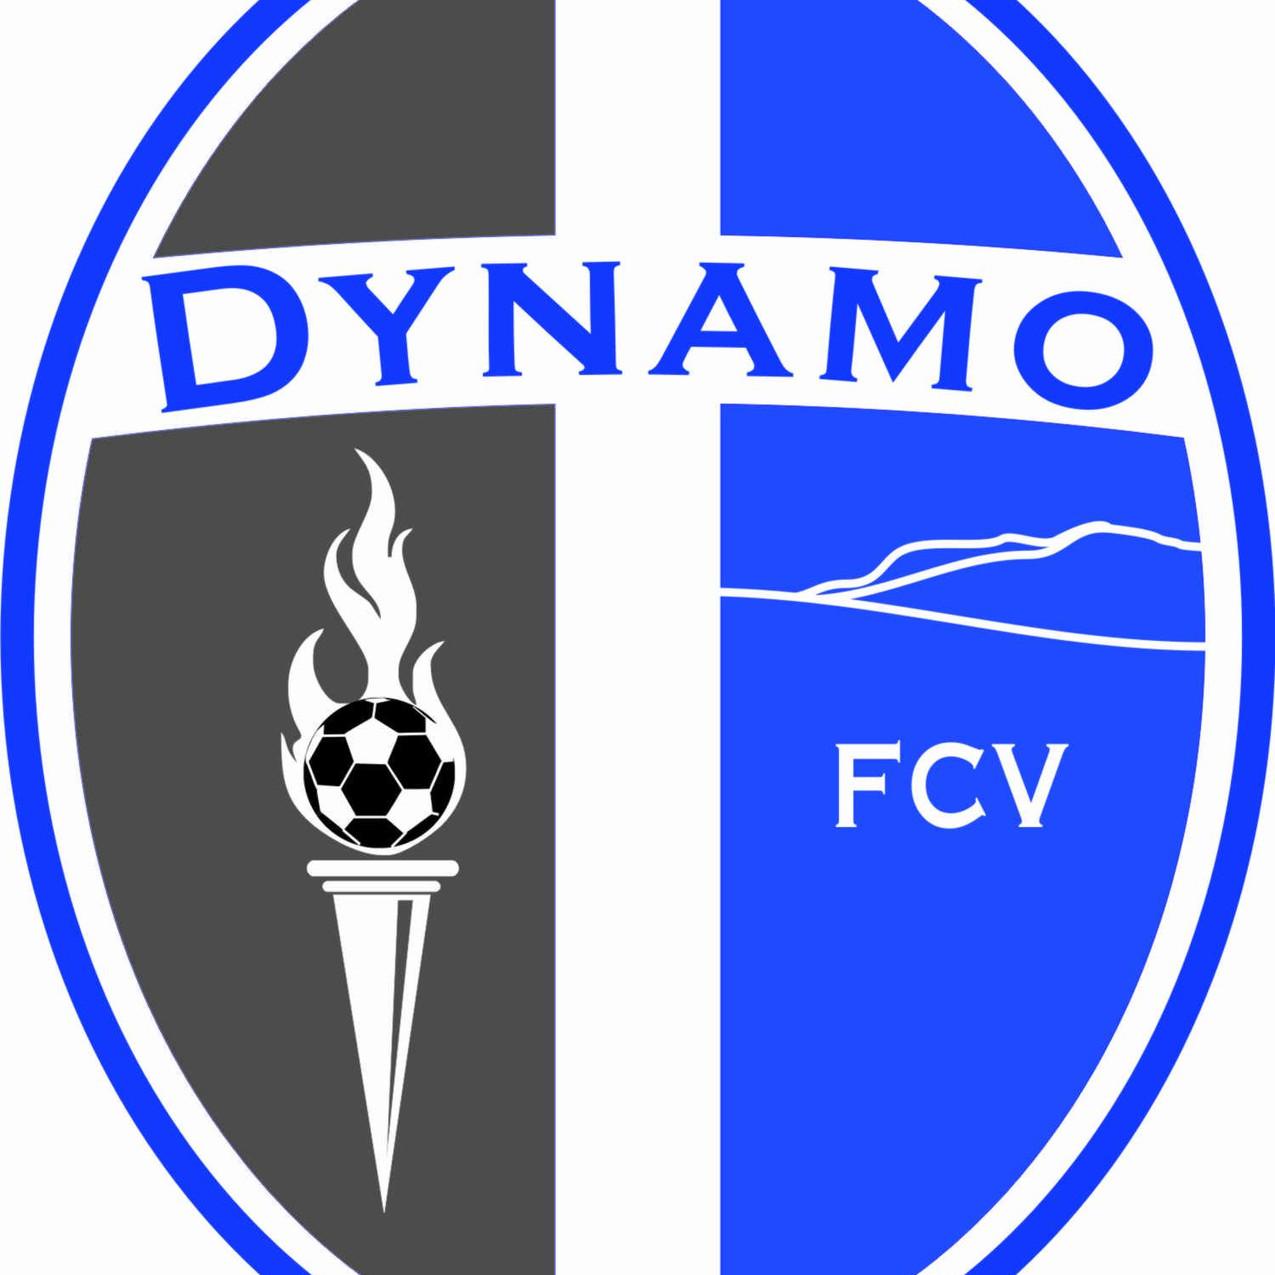 Escudo Dynamo FCV